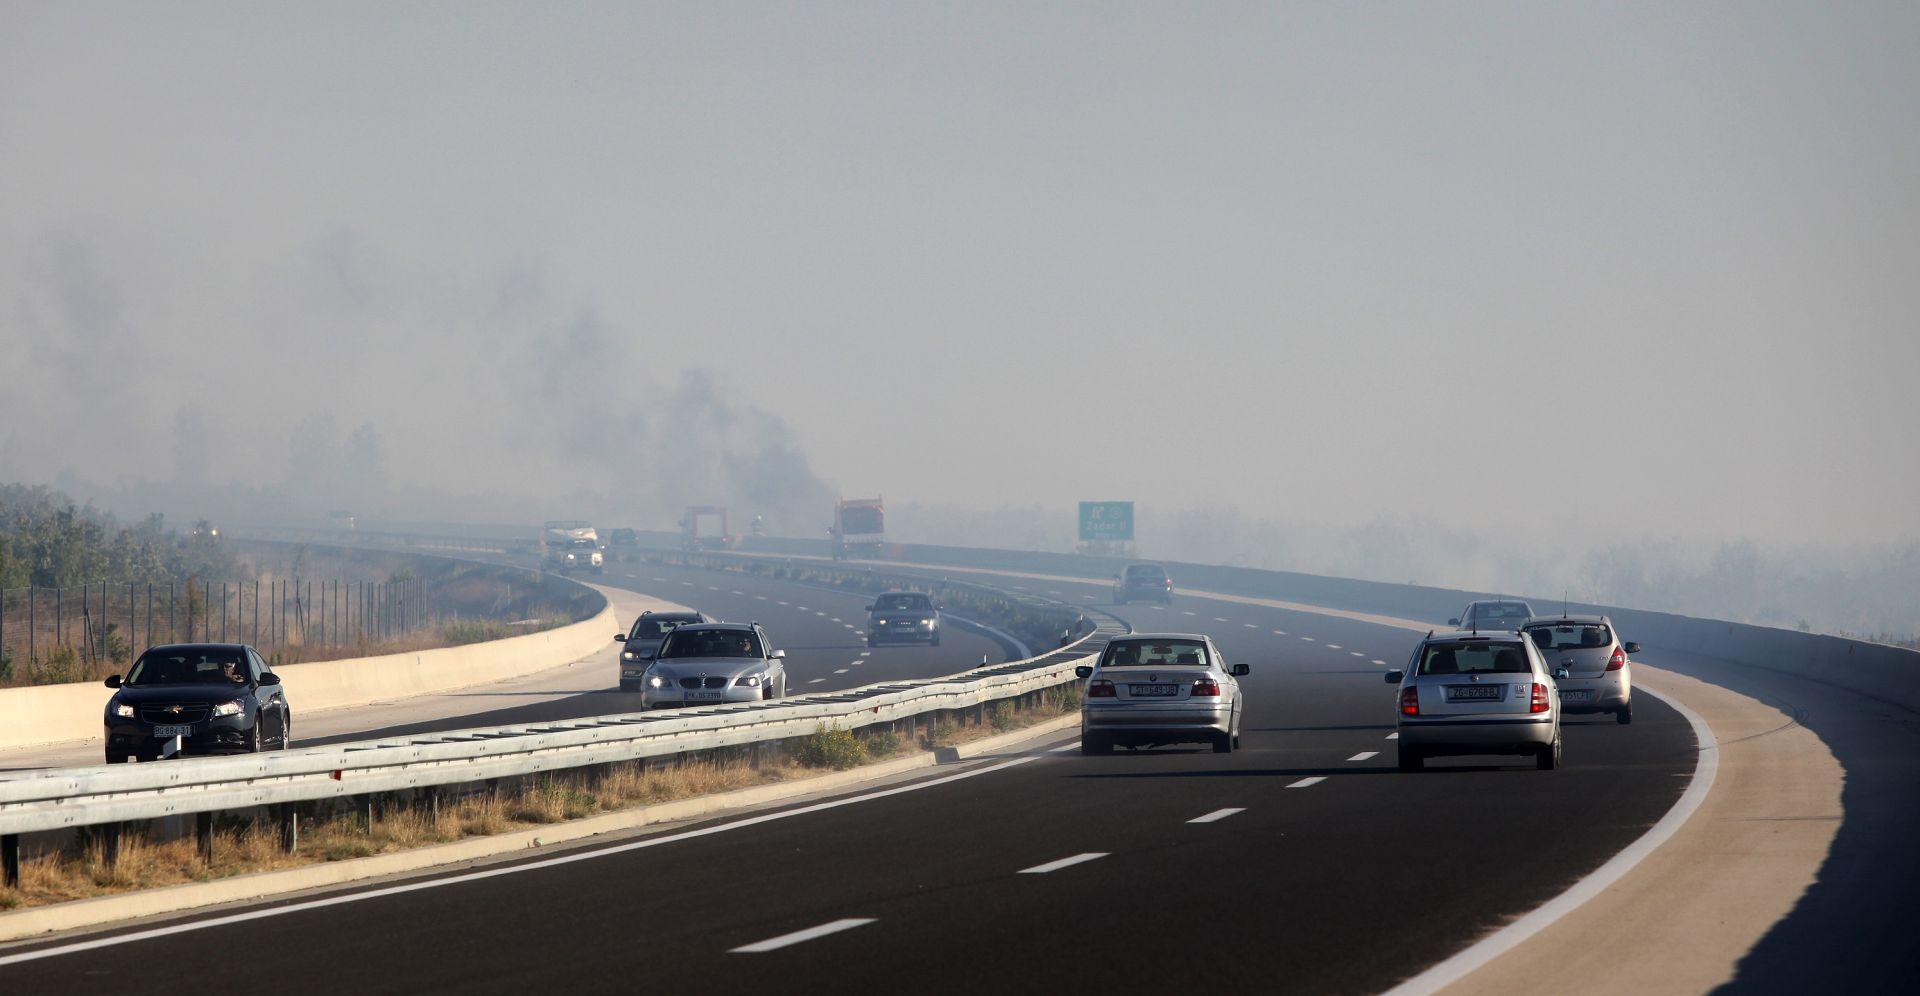 HAK Zbog požara i dima na A1 smanjena vidljivost, vozi se uz ograničenje brzine